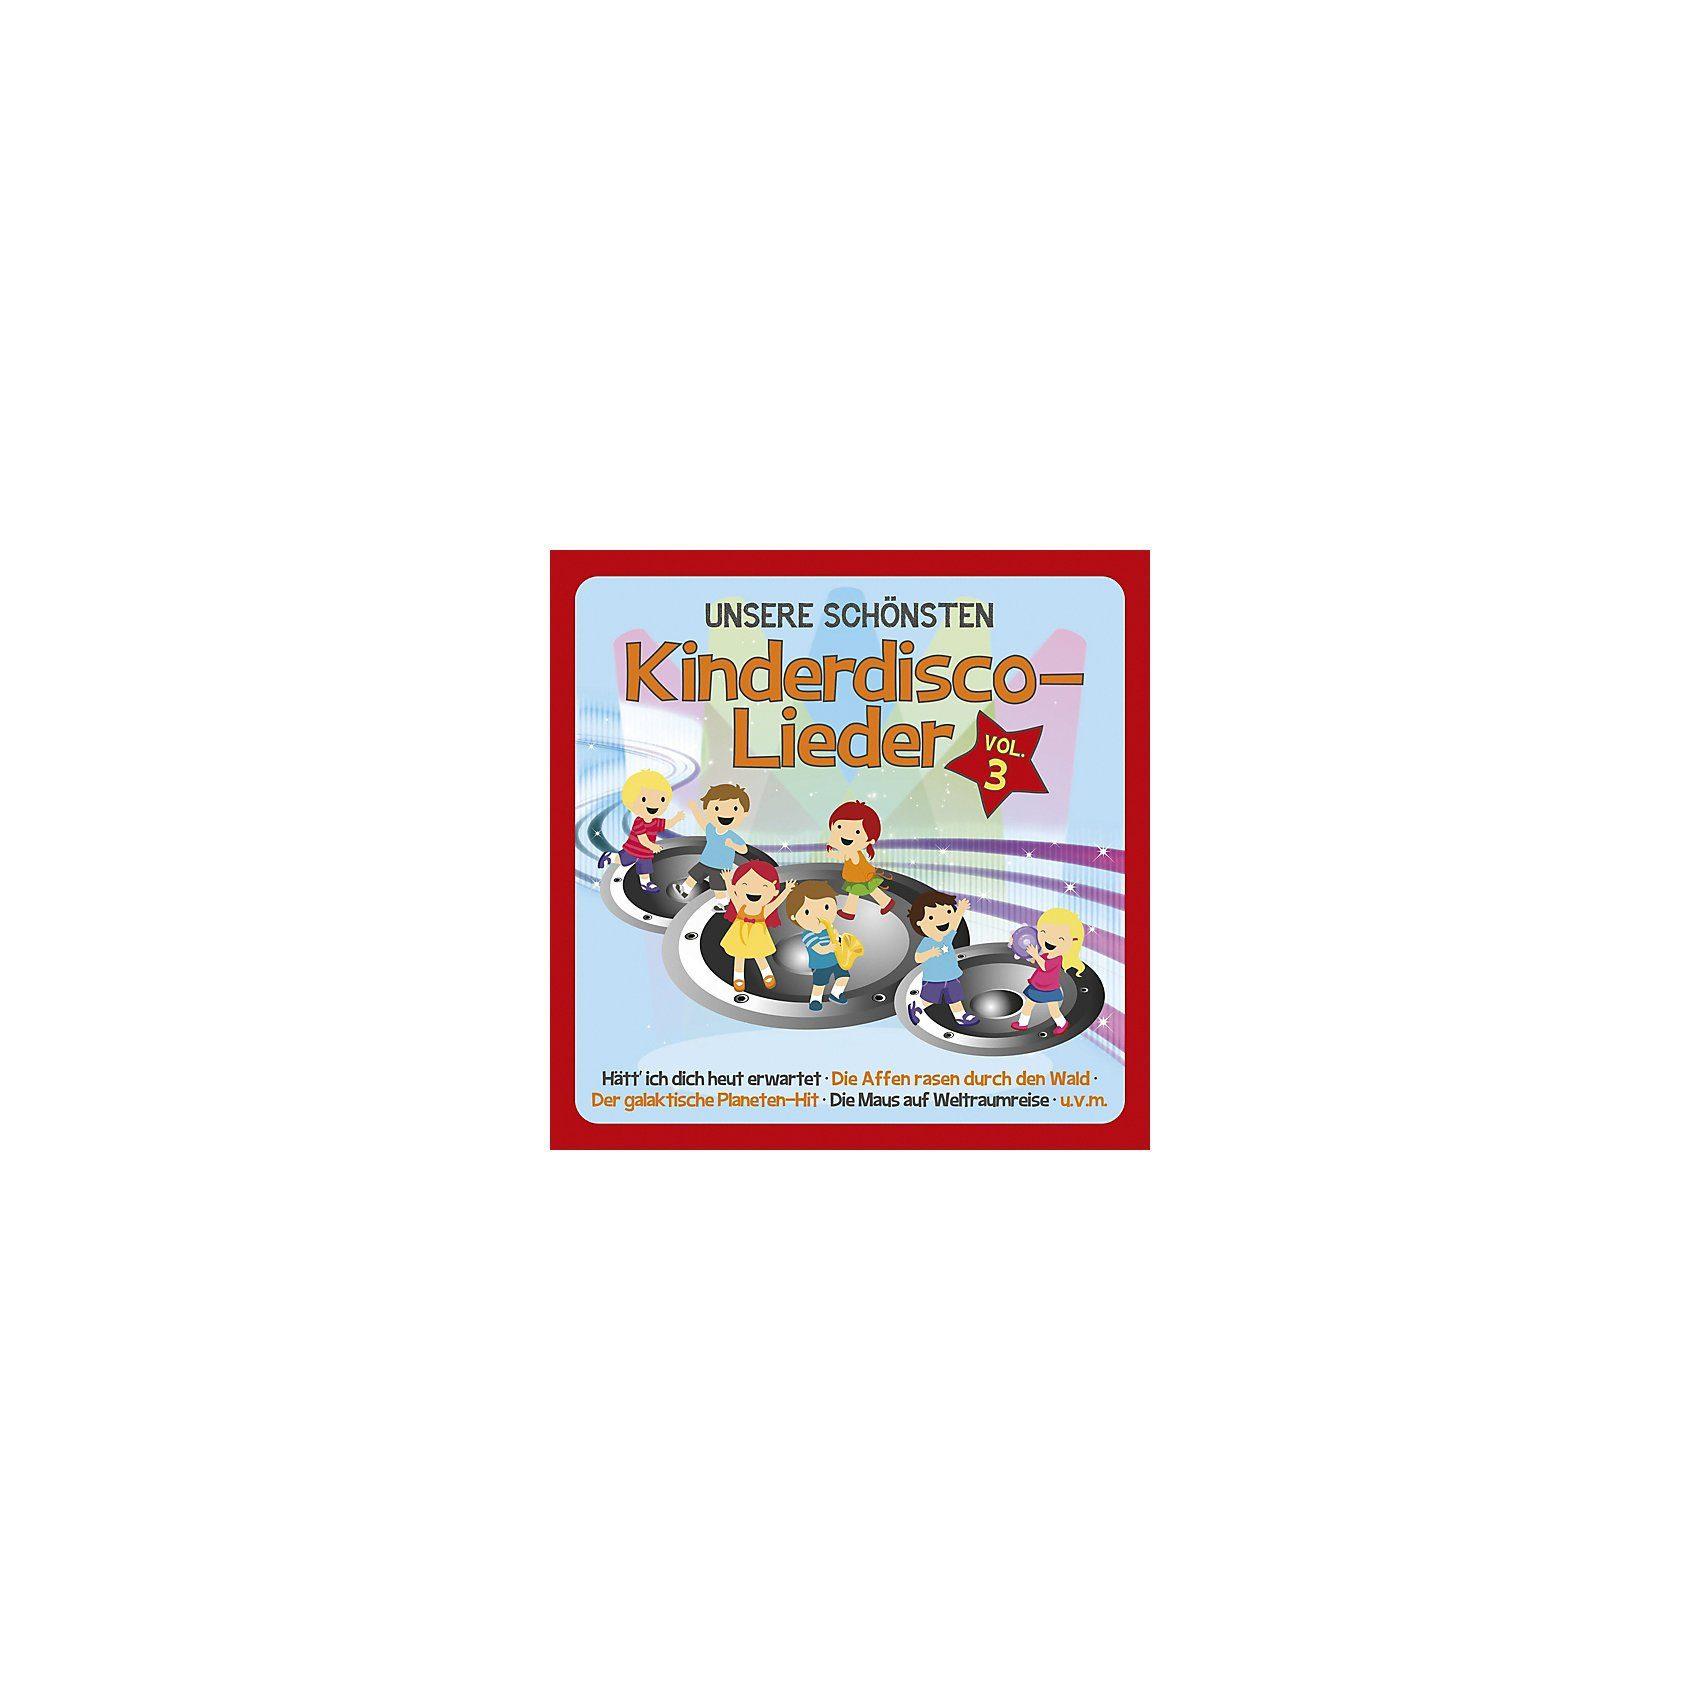 Universal Unser schönsten Kinderdisco-Lieder Vol. 3